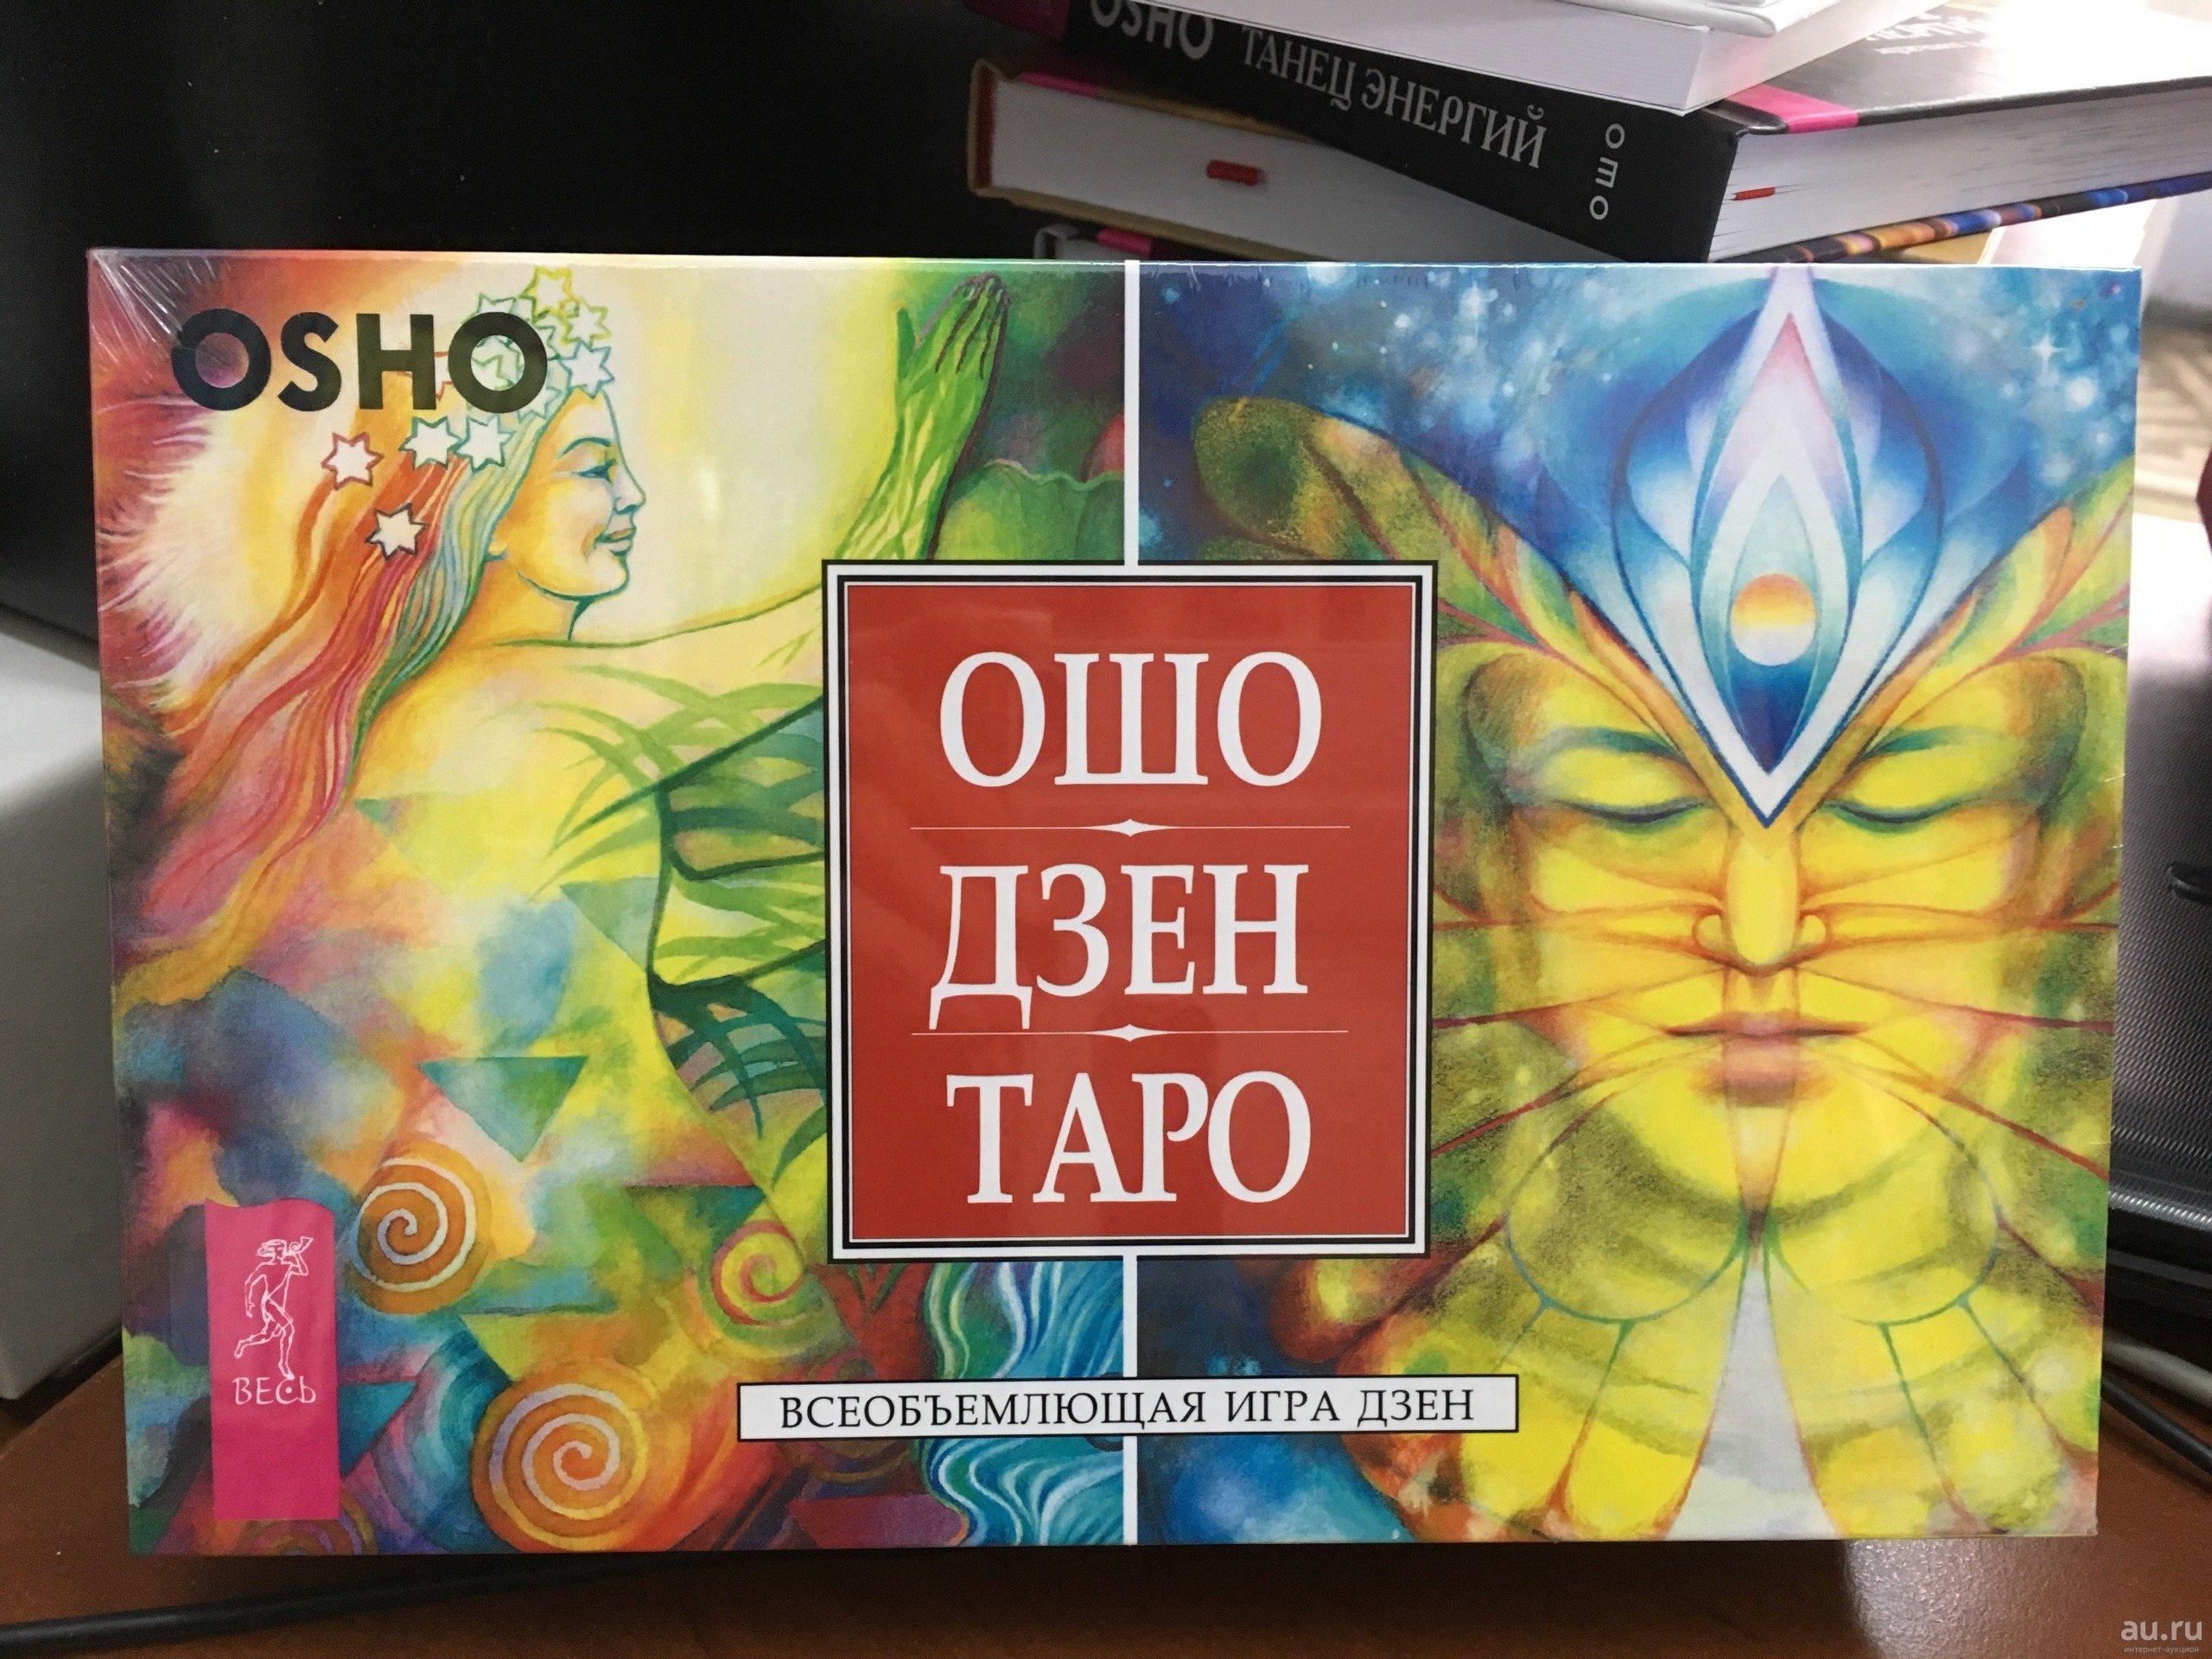 Осознанность ошо дзен таро: общее значение и описание карты